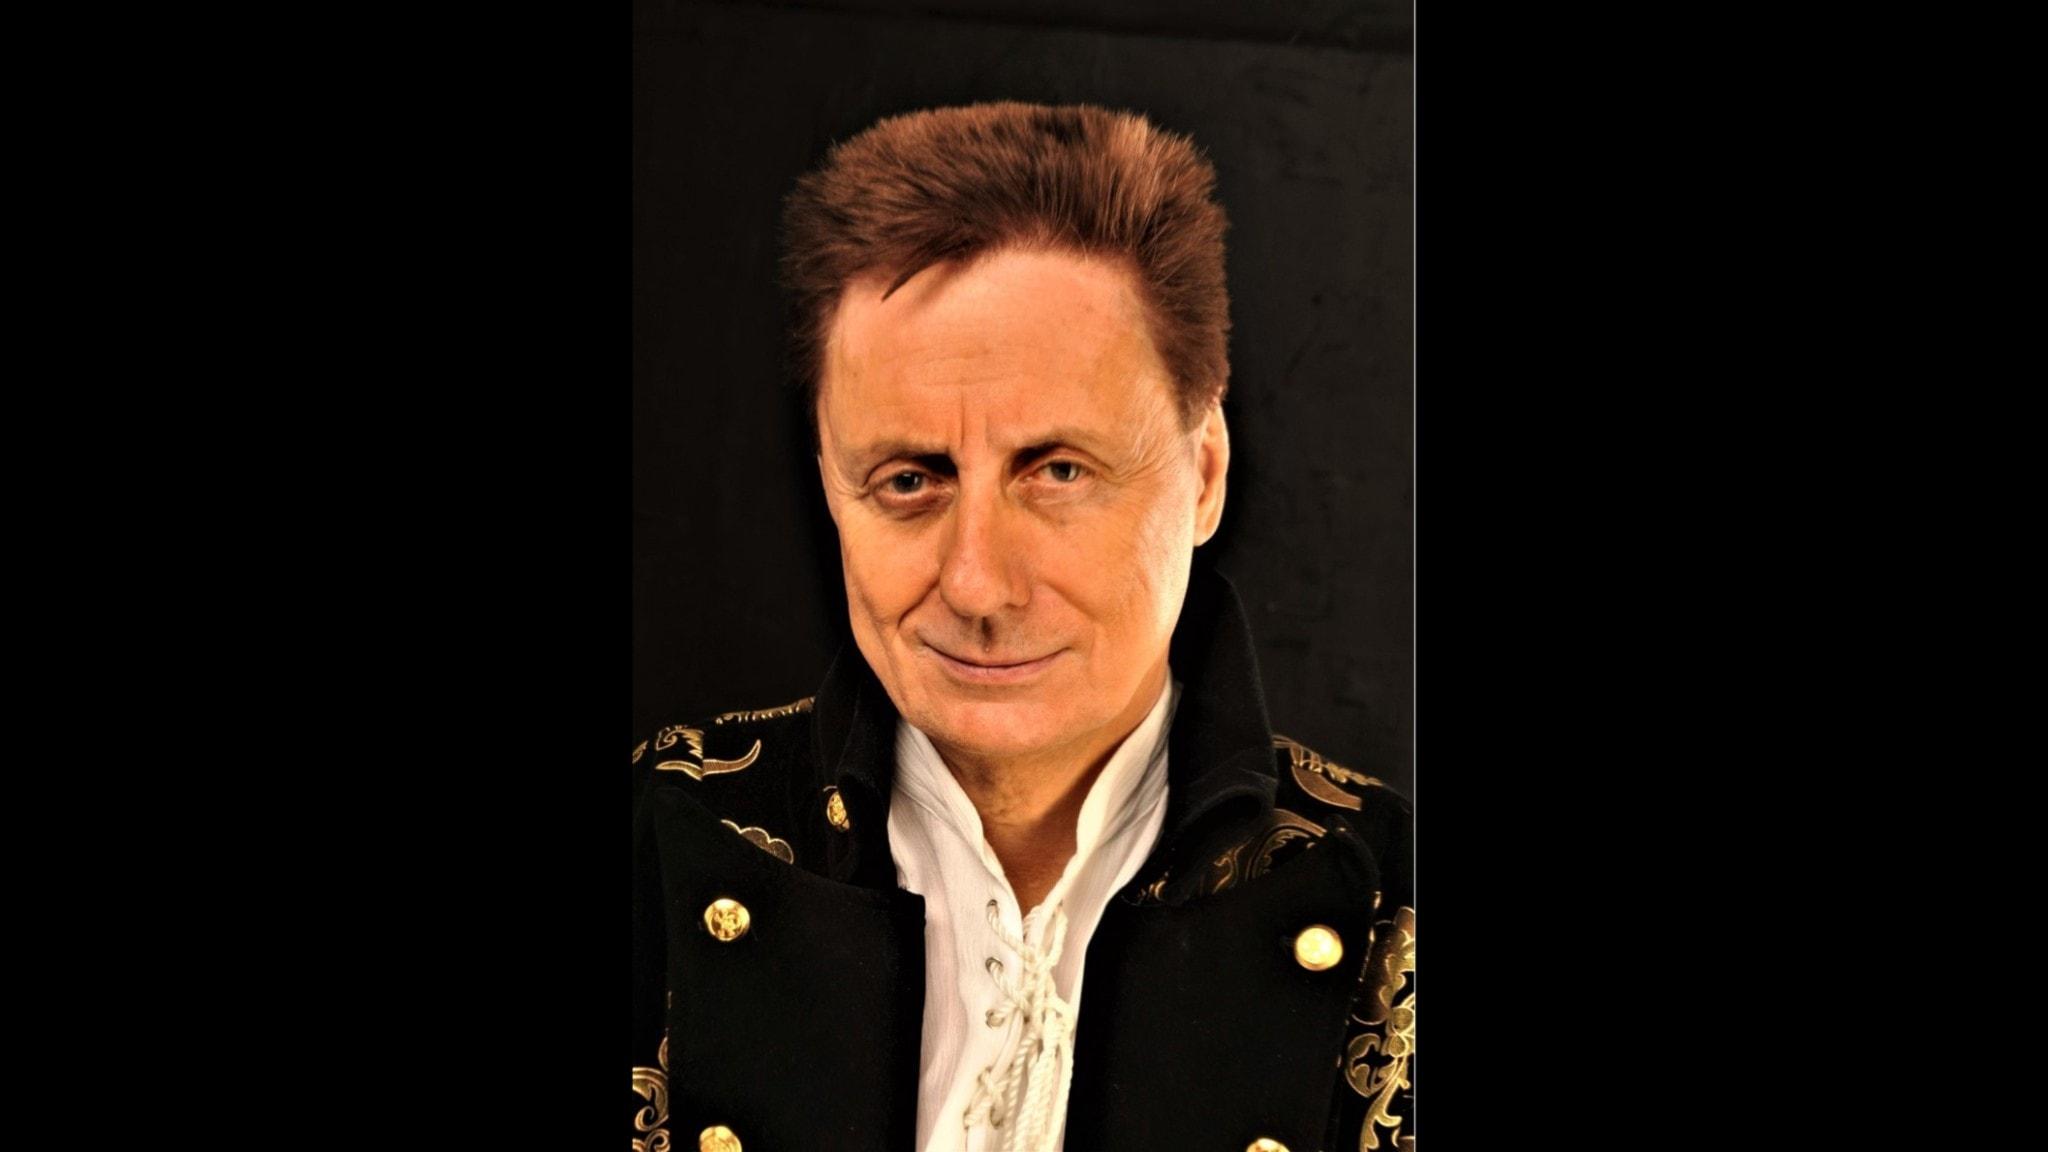 Hans Edler ler och tittar in i kameran. Han är klädd i en svart jacka, med gulddekorationer.